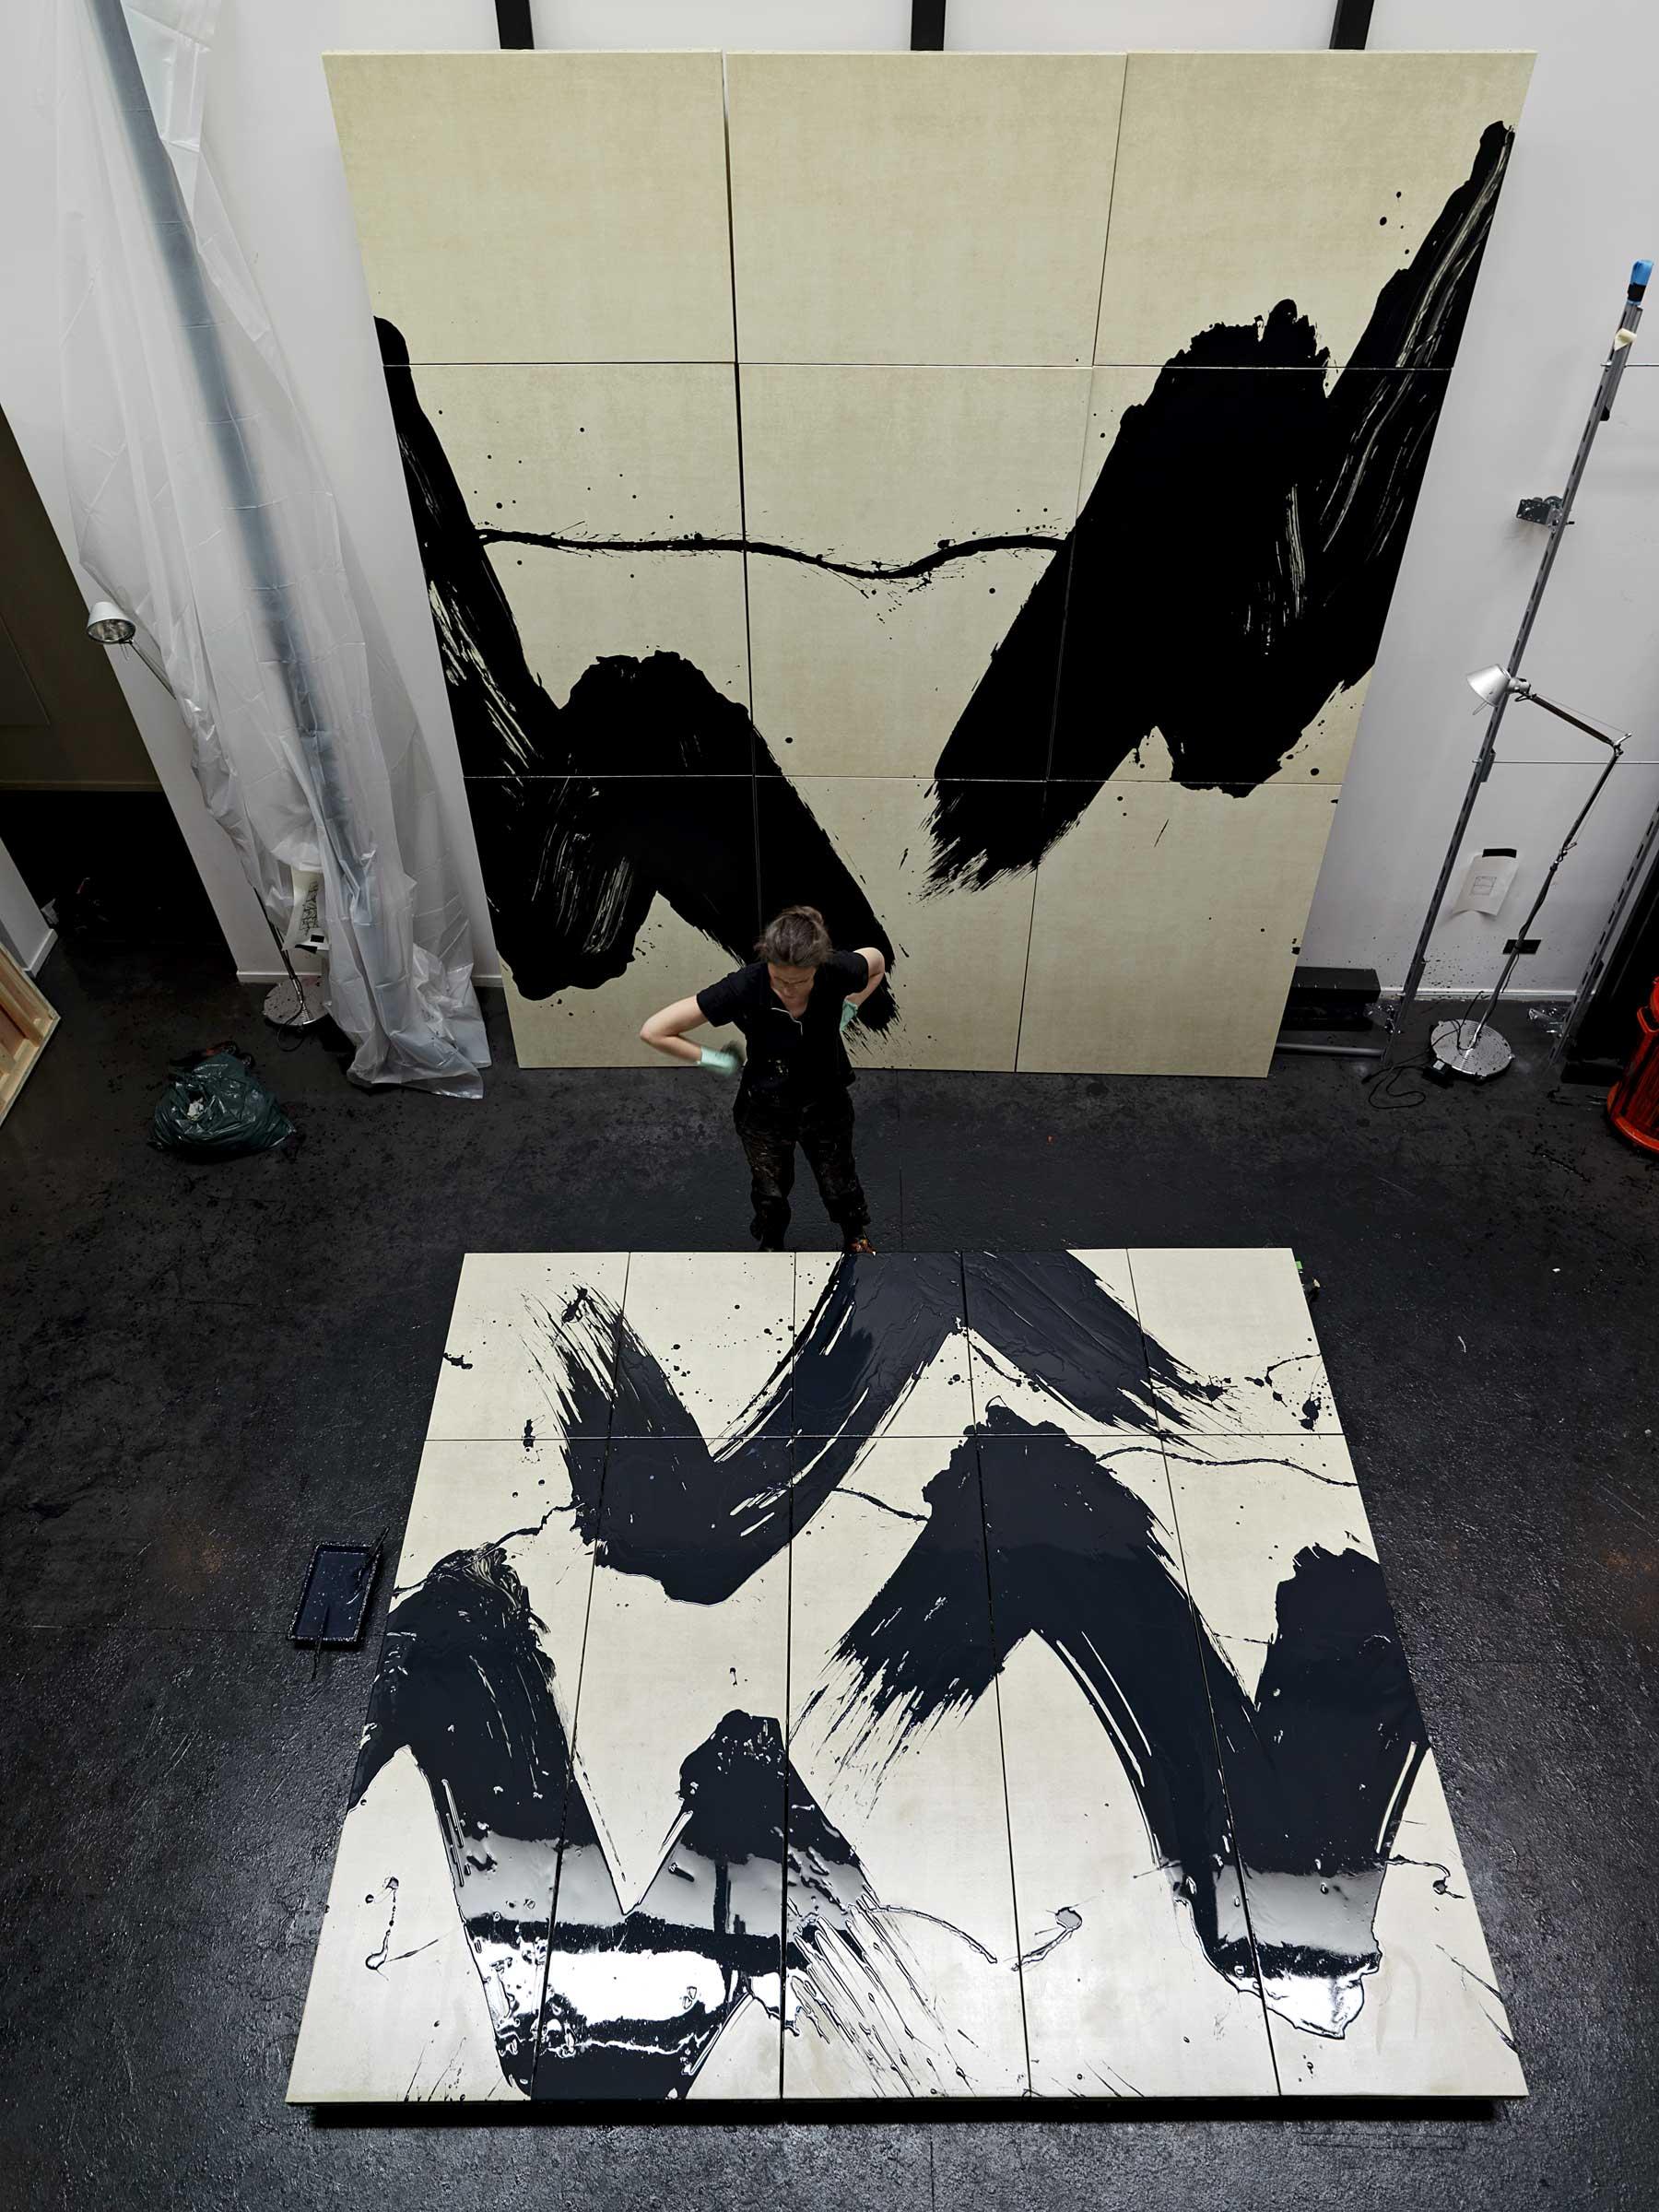 verdier fabienne jeanne bucher jaeger galerie d 39 art paris. Black Bedroom Furniture Sets. Home Design Ideas